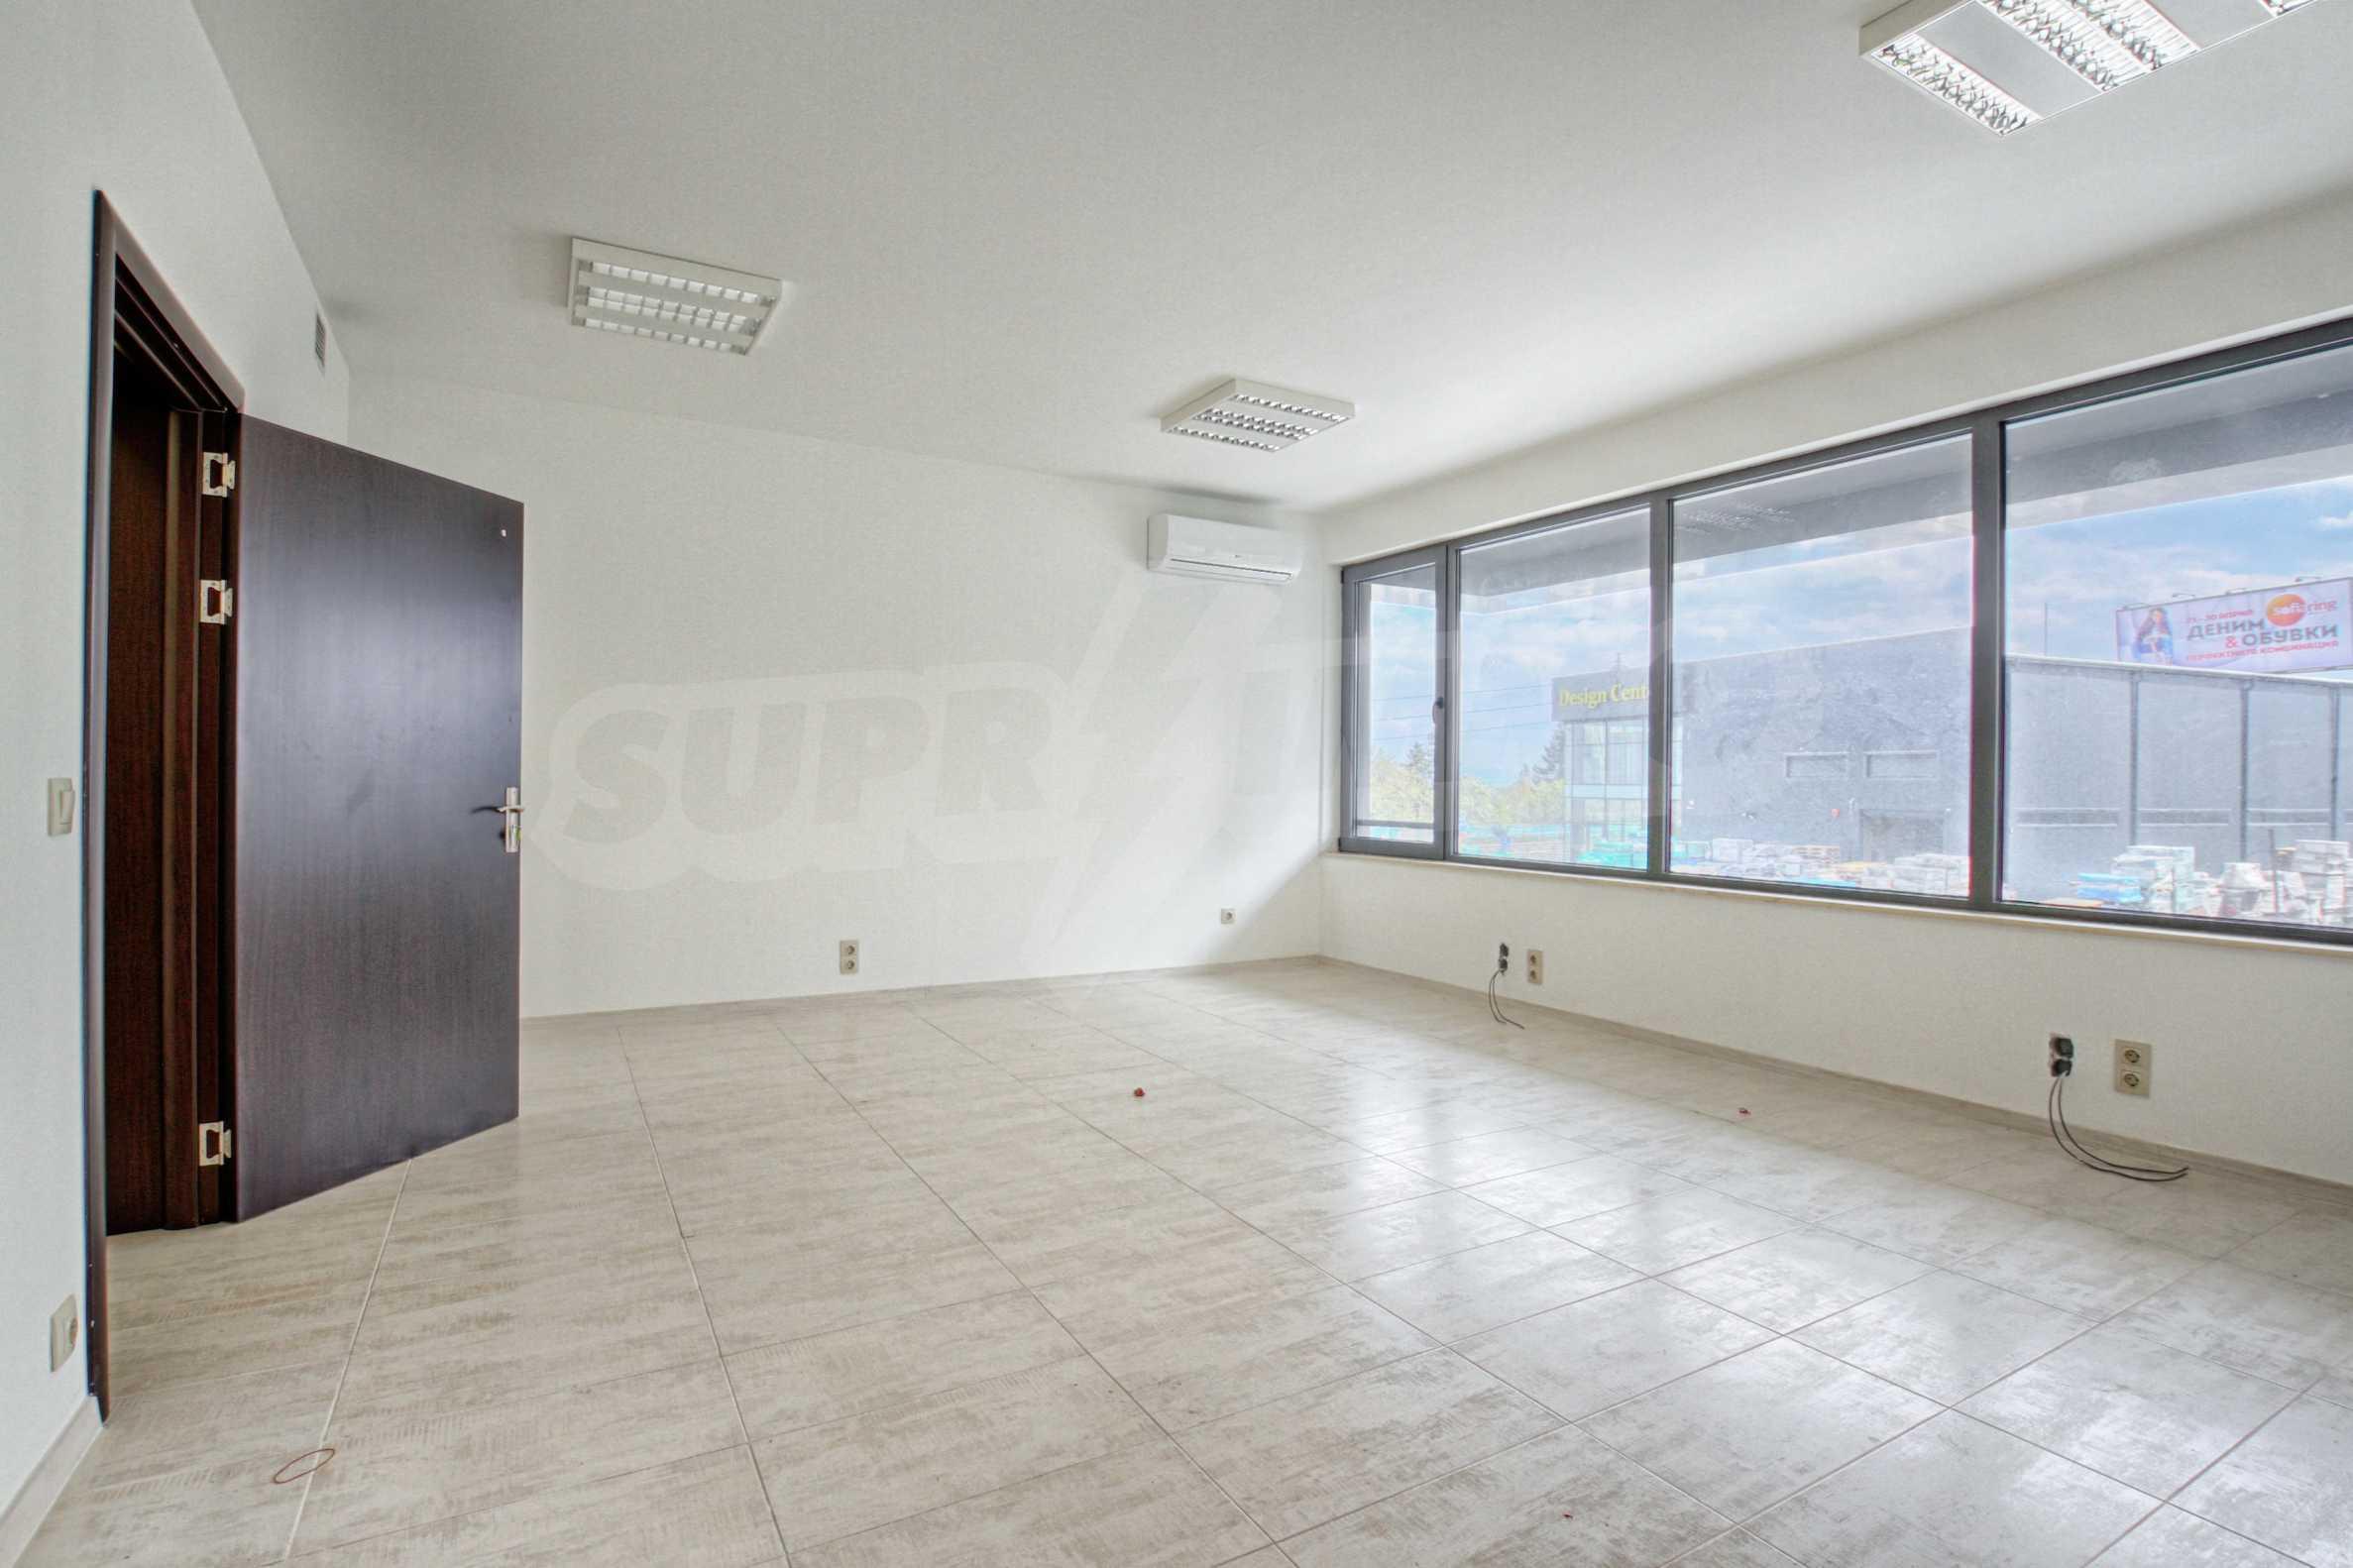 Просторен офис в представителна сграда на Околовръстен път 5